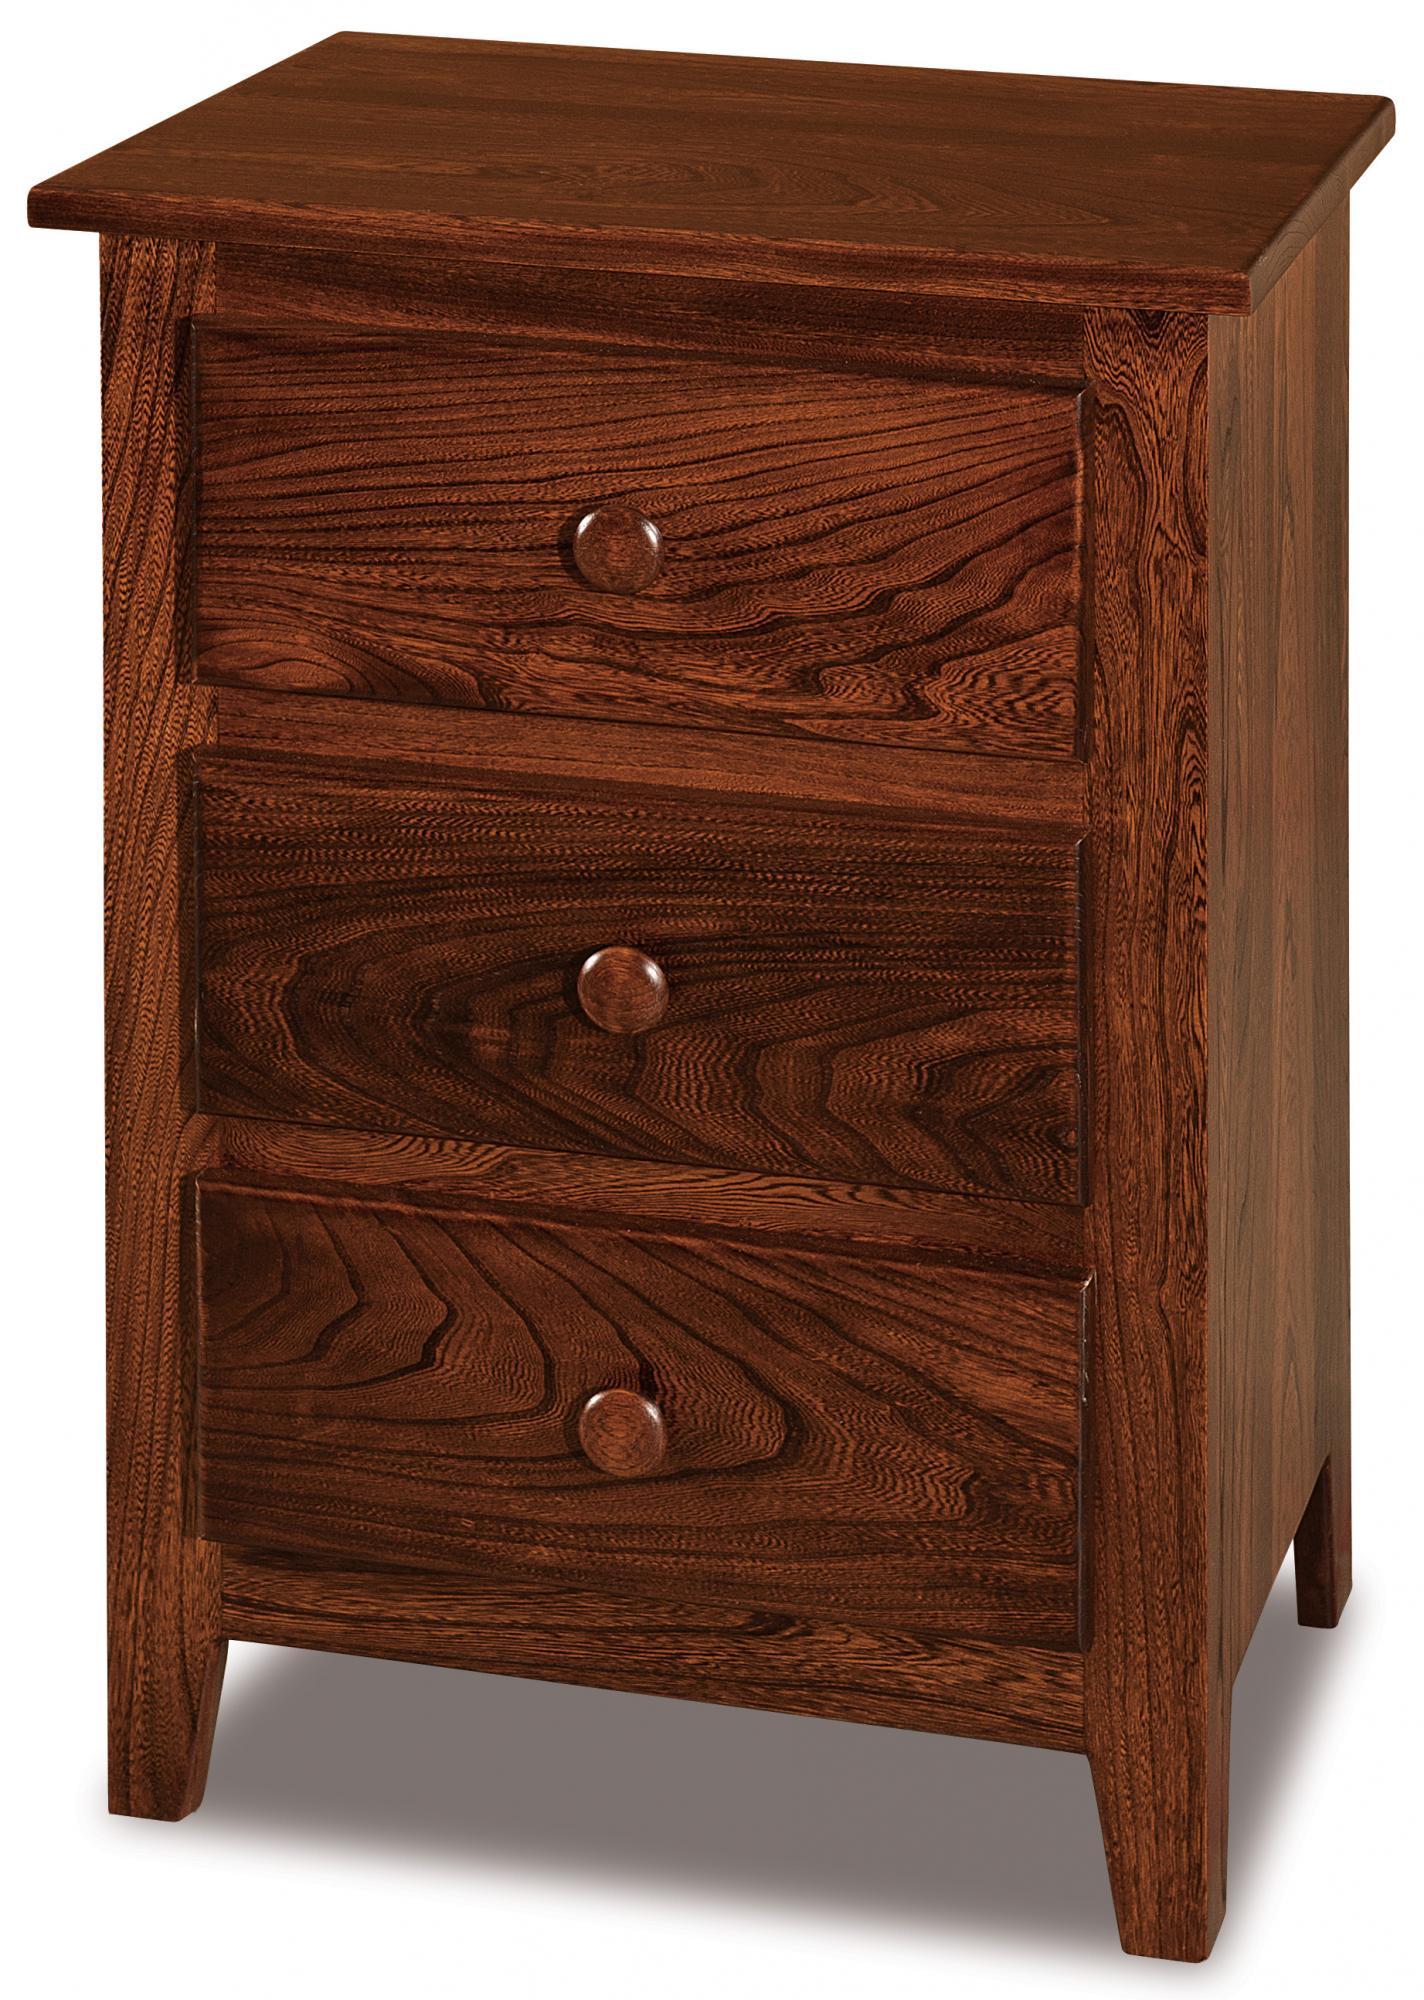 shaker 3 drawer nightstand - amish furniture store - mankato, mn